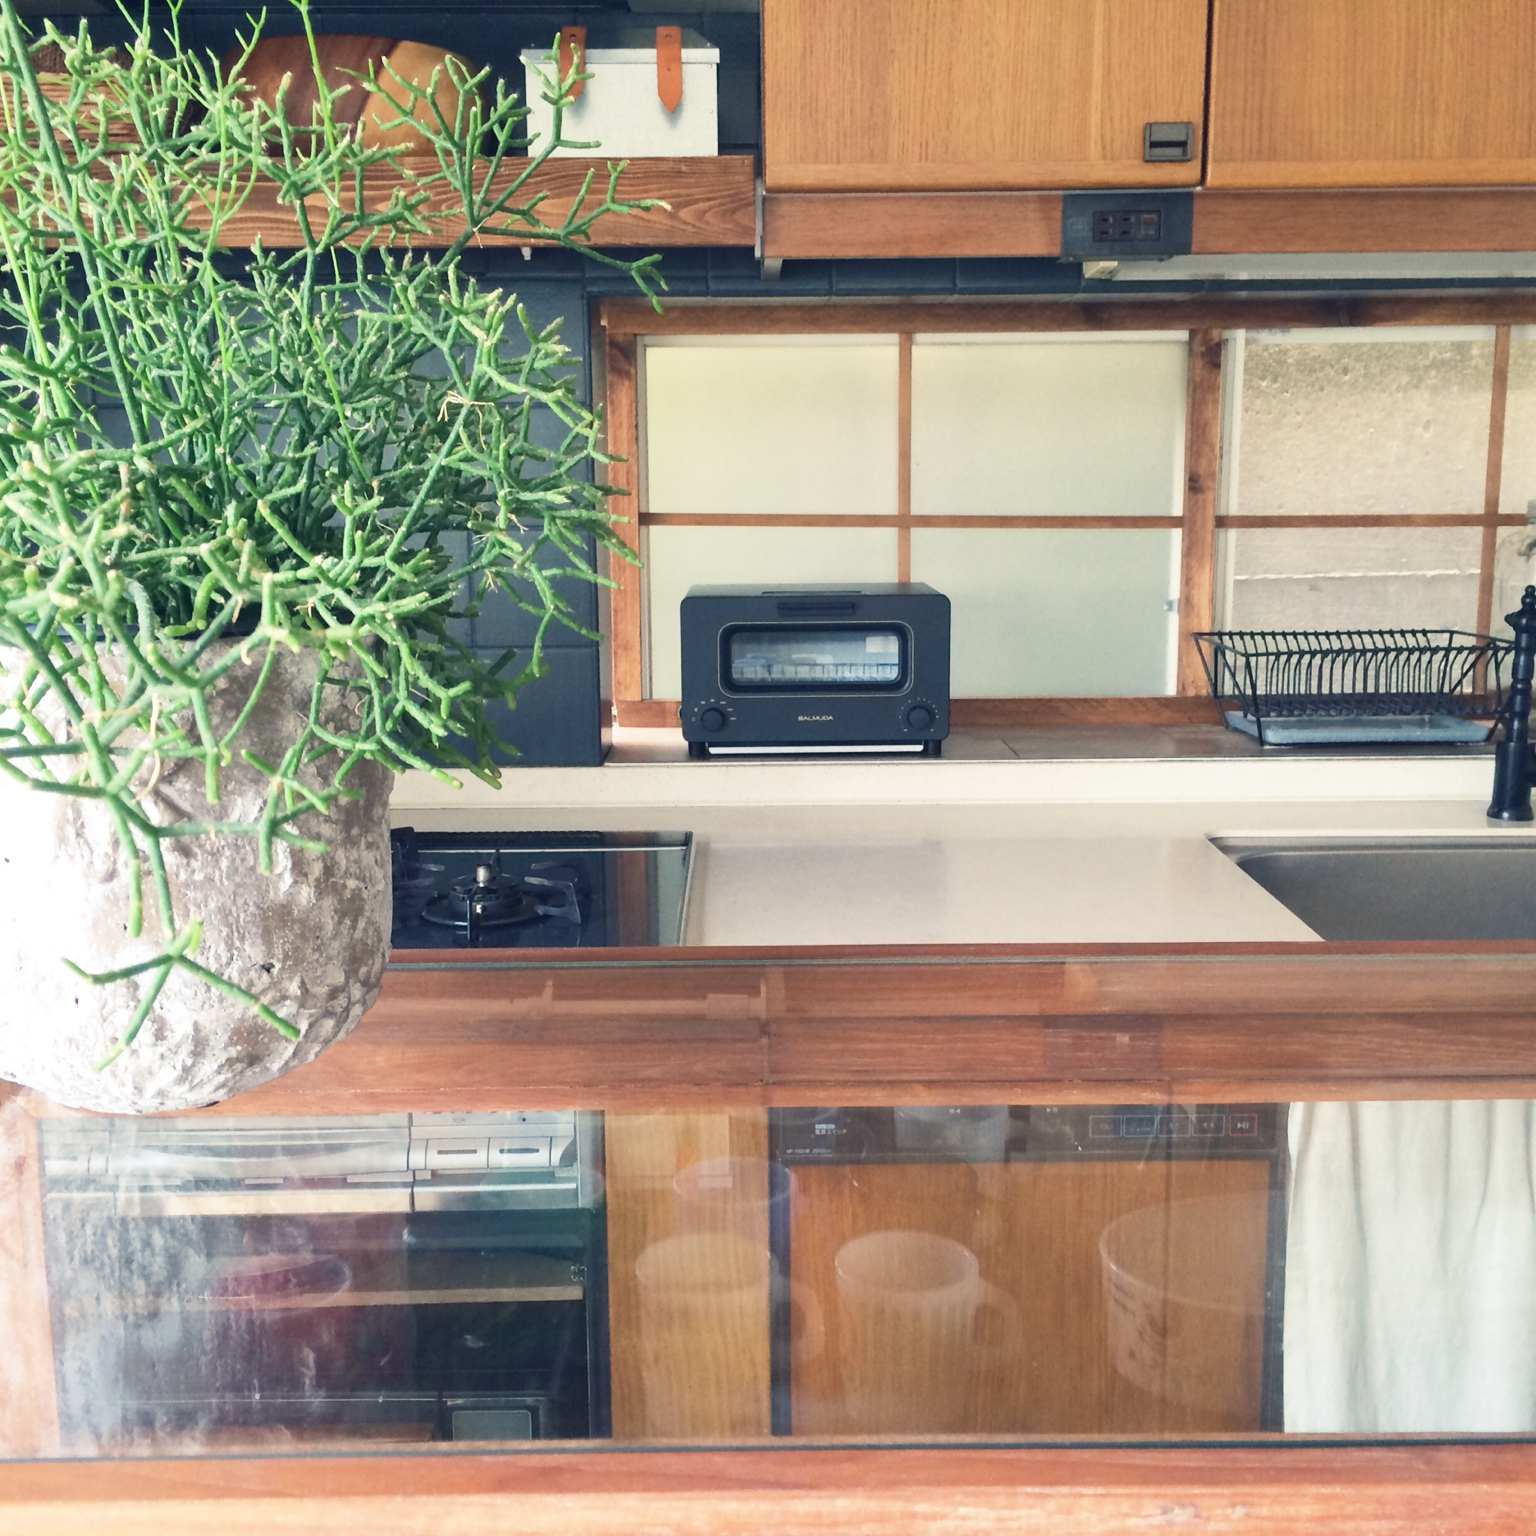 おしゃれで使いやすいキッチン収納アイデア70選 | RoomClip mag | 暮らしとインテリアのwebマガジン